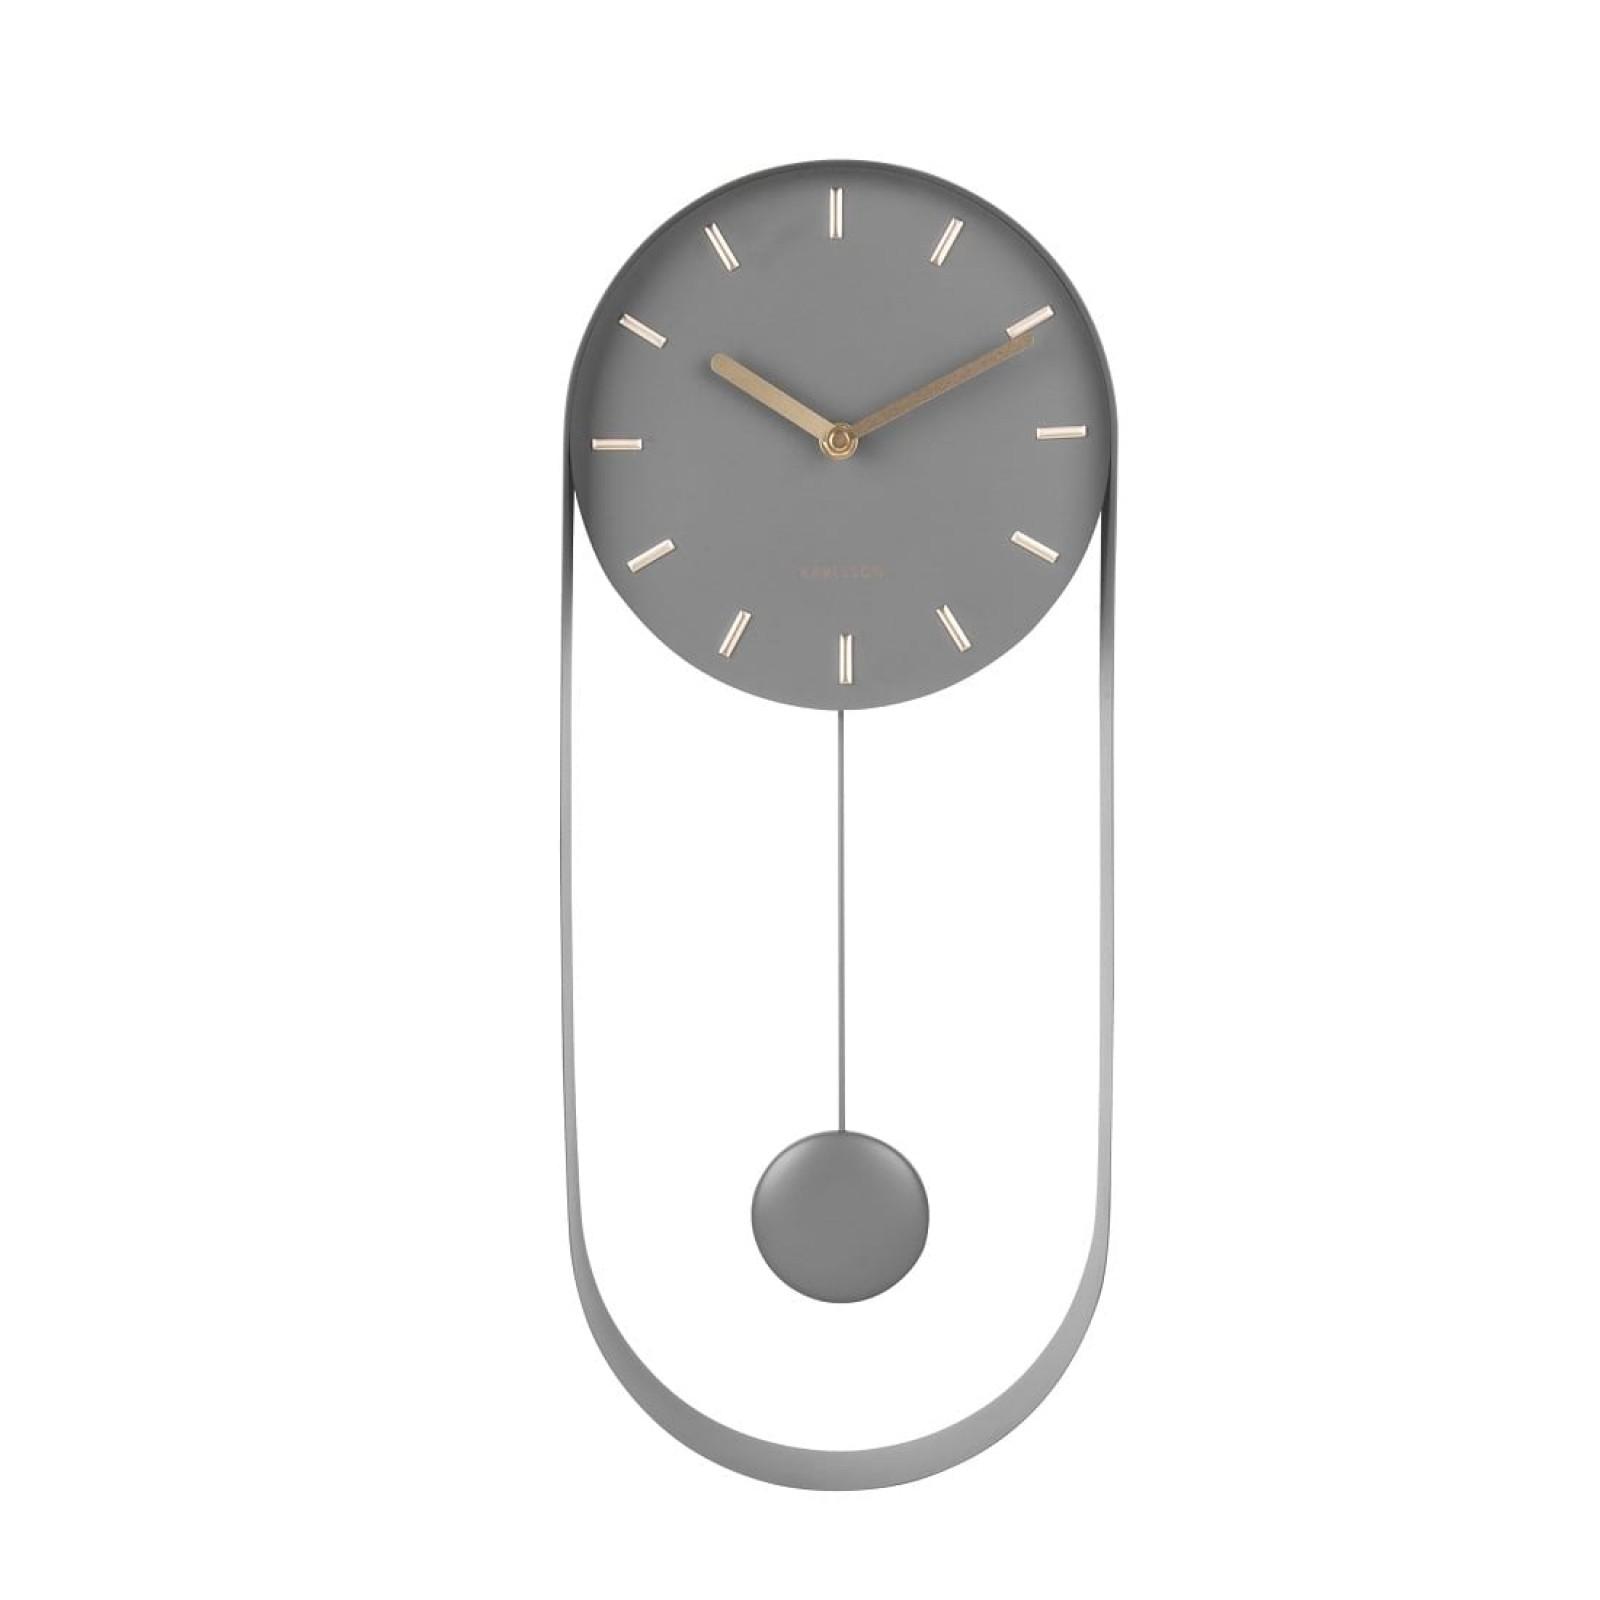 Ρολόι Τοίχου με Εκκρεμές Charm (Γκρι) - Karlsson